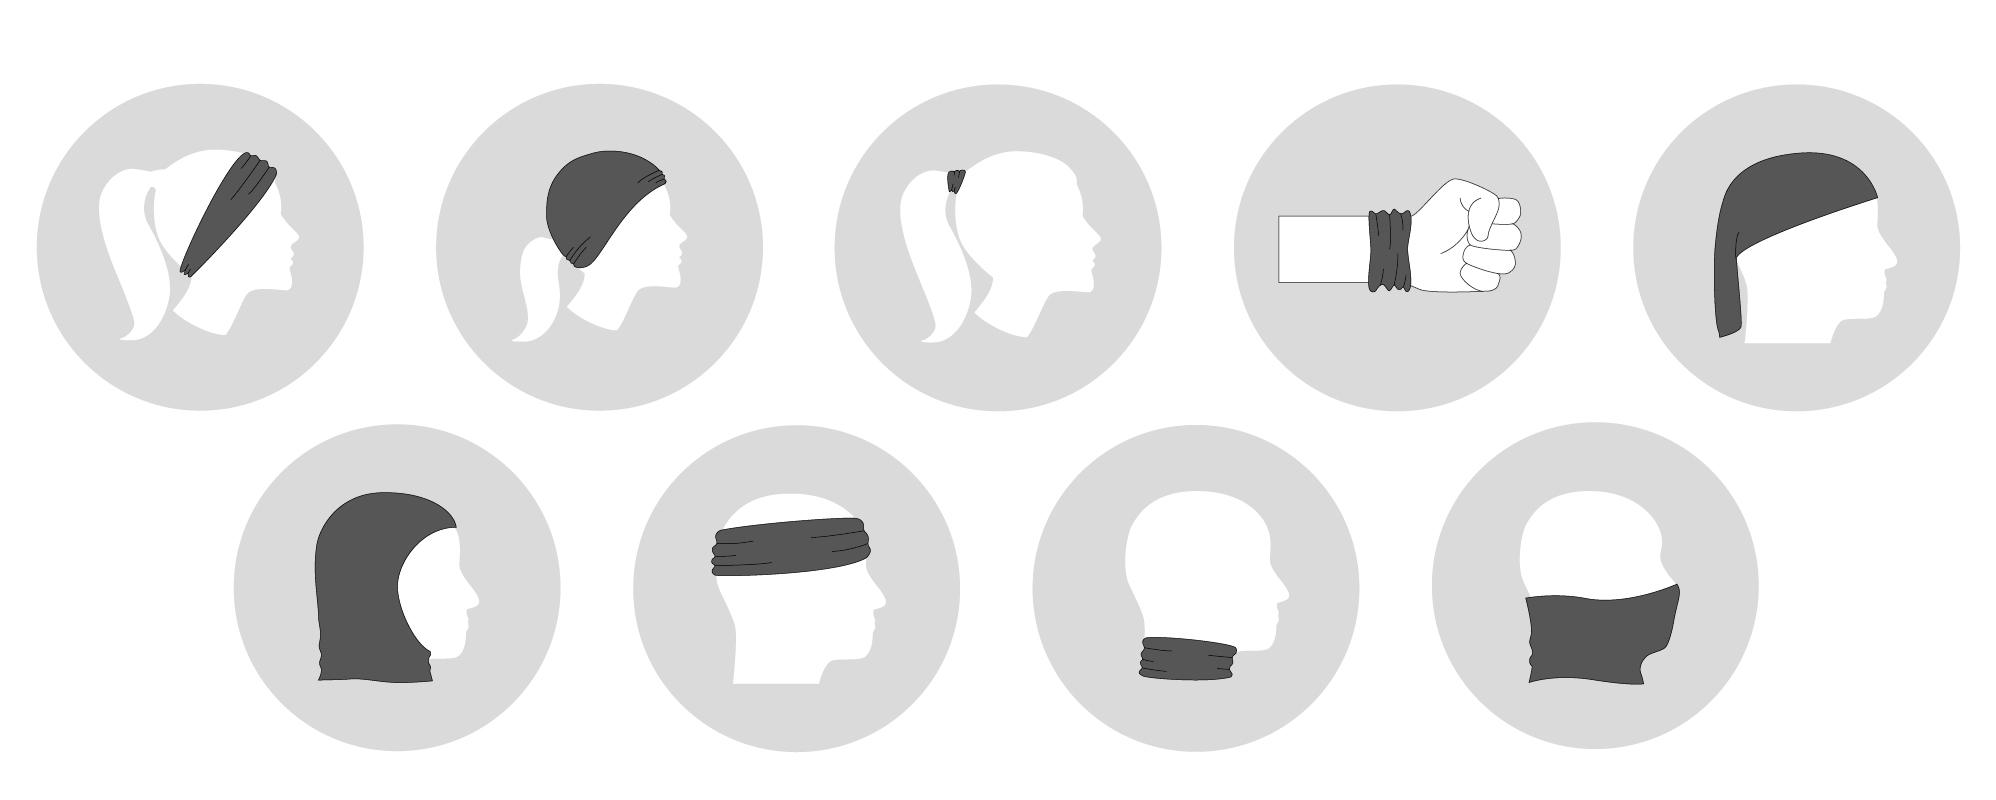 Anwendungsmöglichkeiten des Schlauchtuches